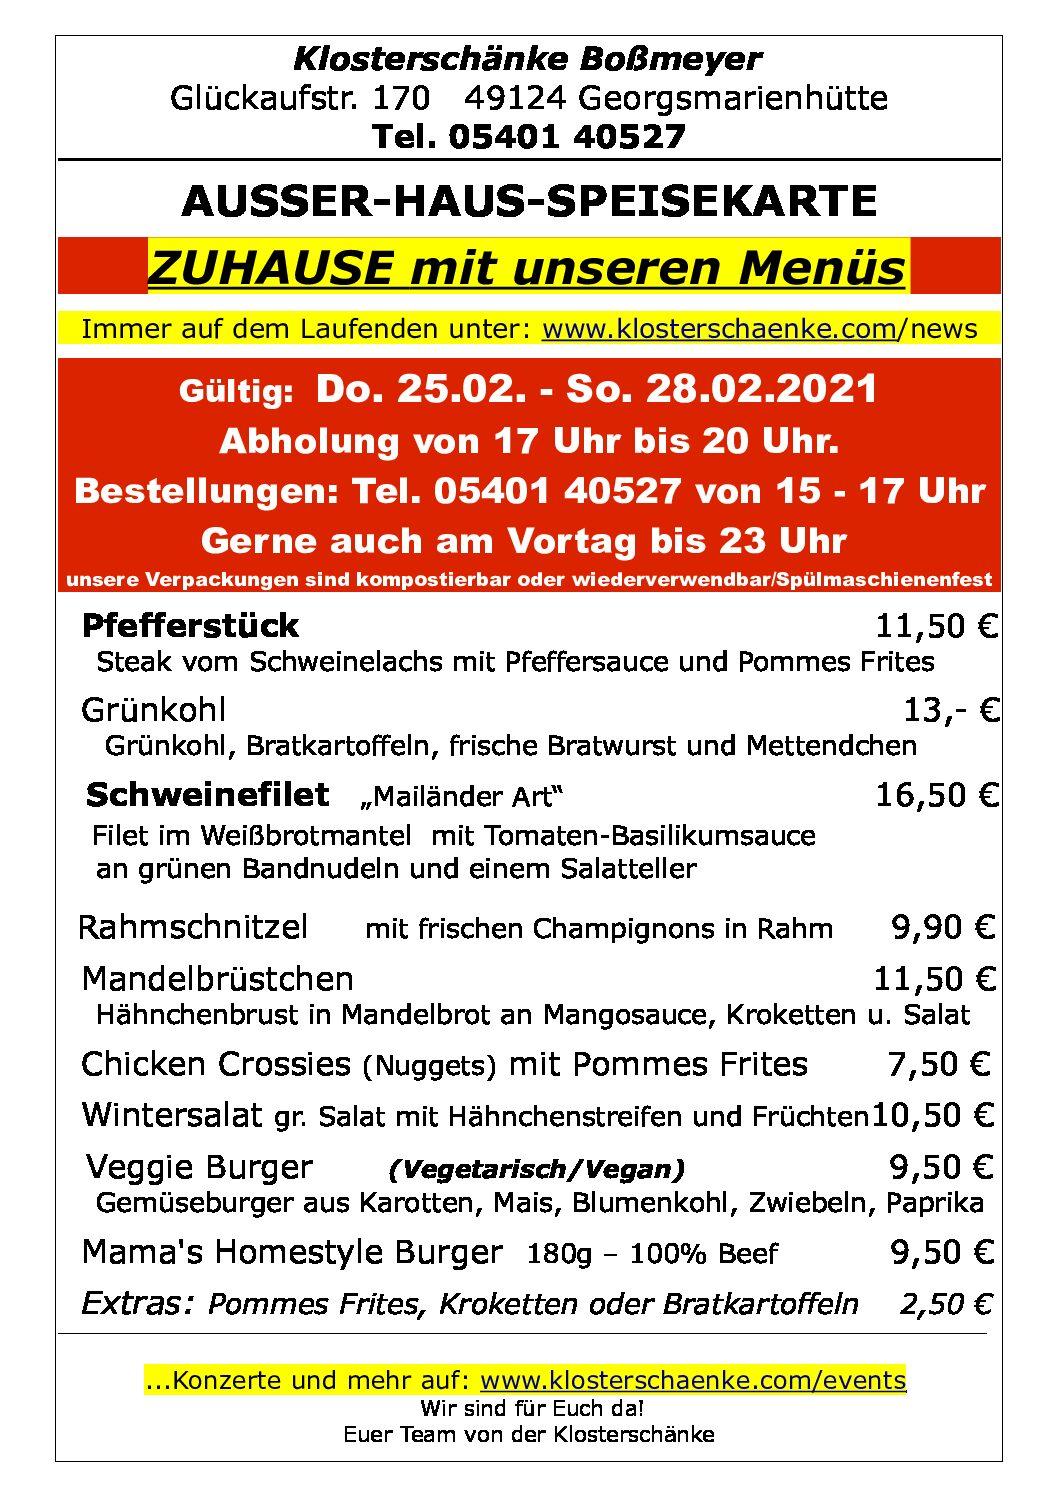 AUSSER-HAUS-SPEISEKARTE vom 25.02. – 28.02.2021